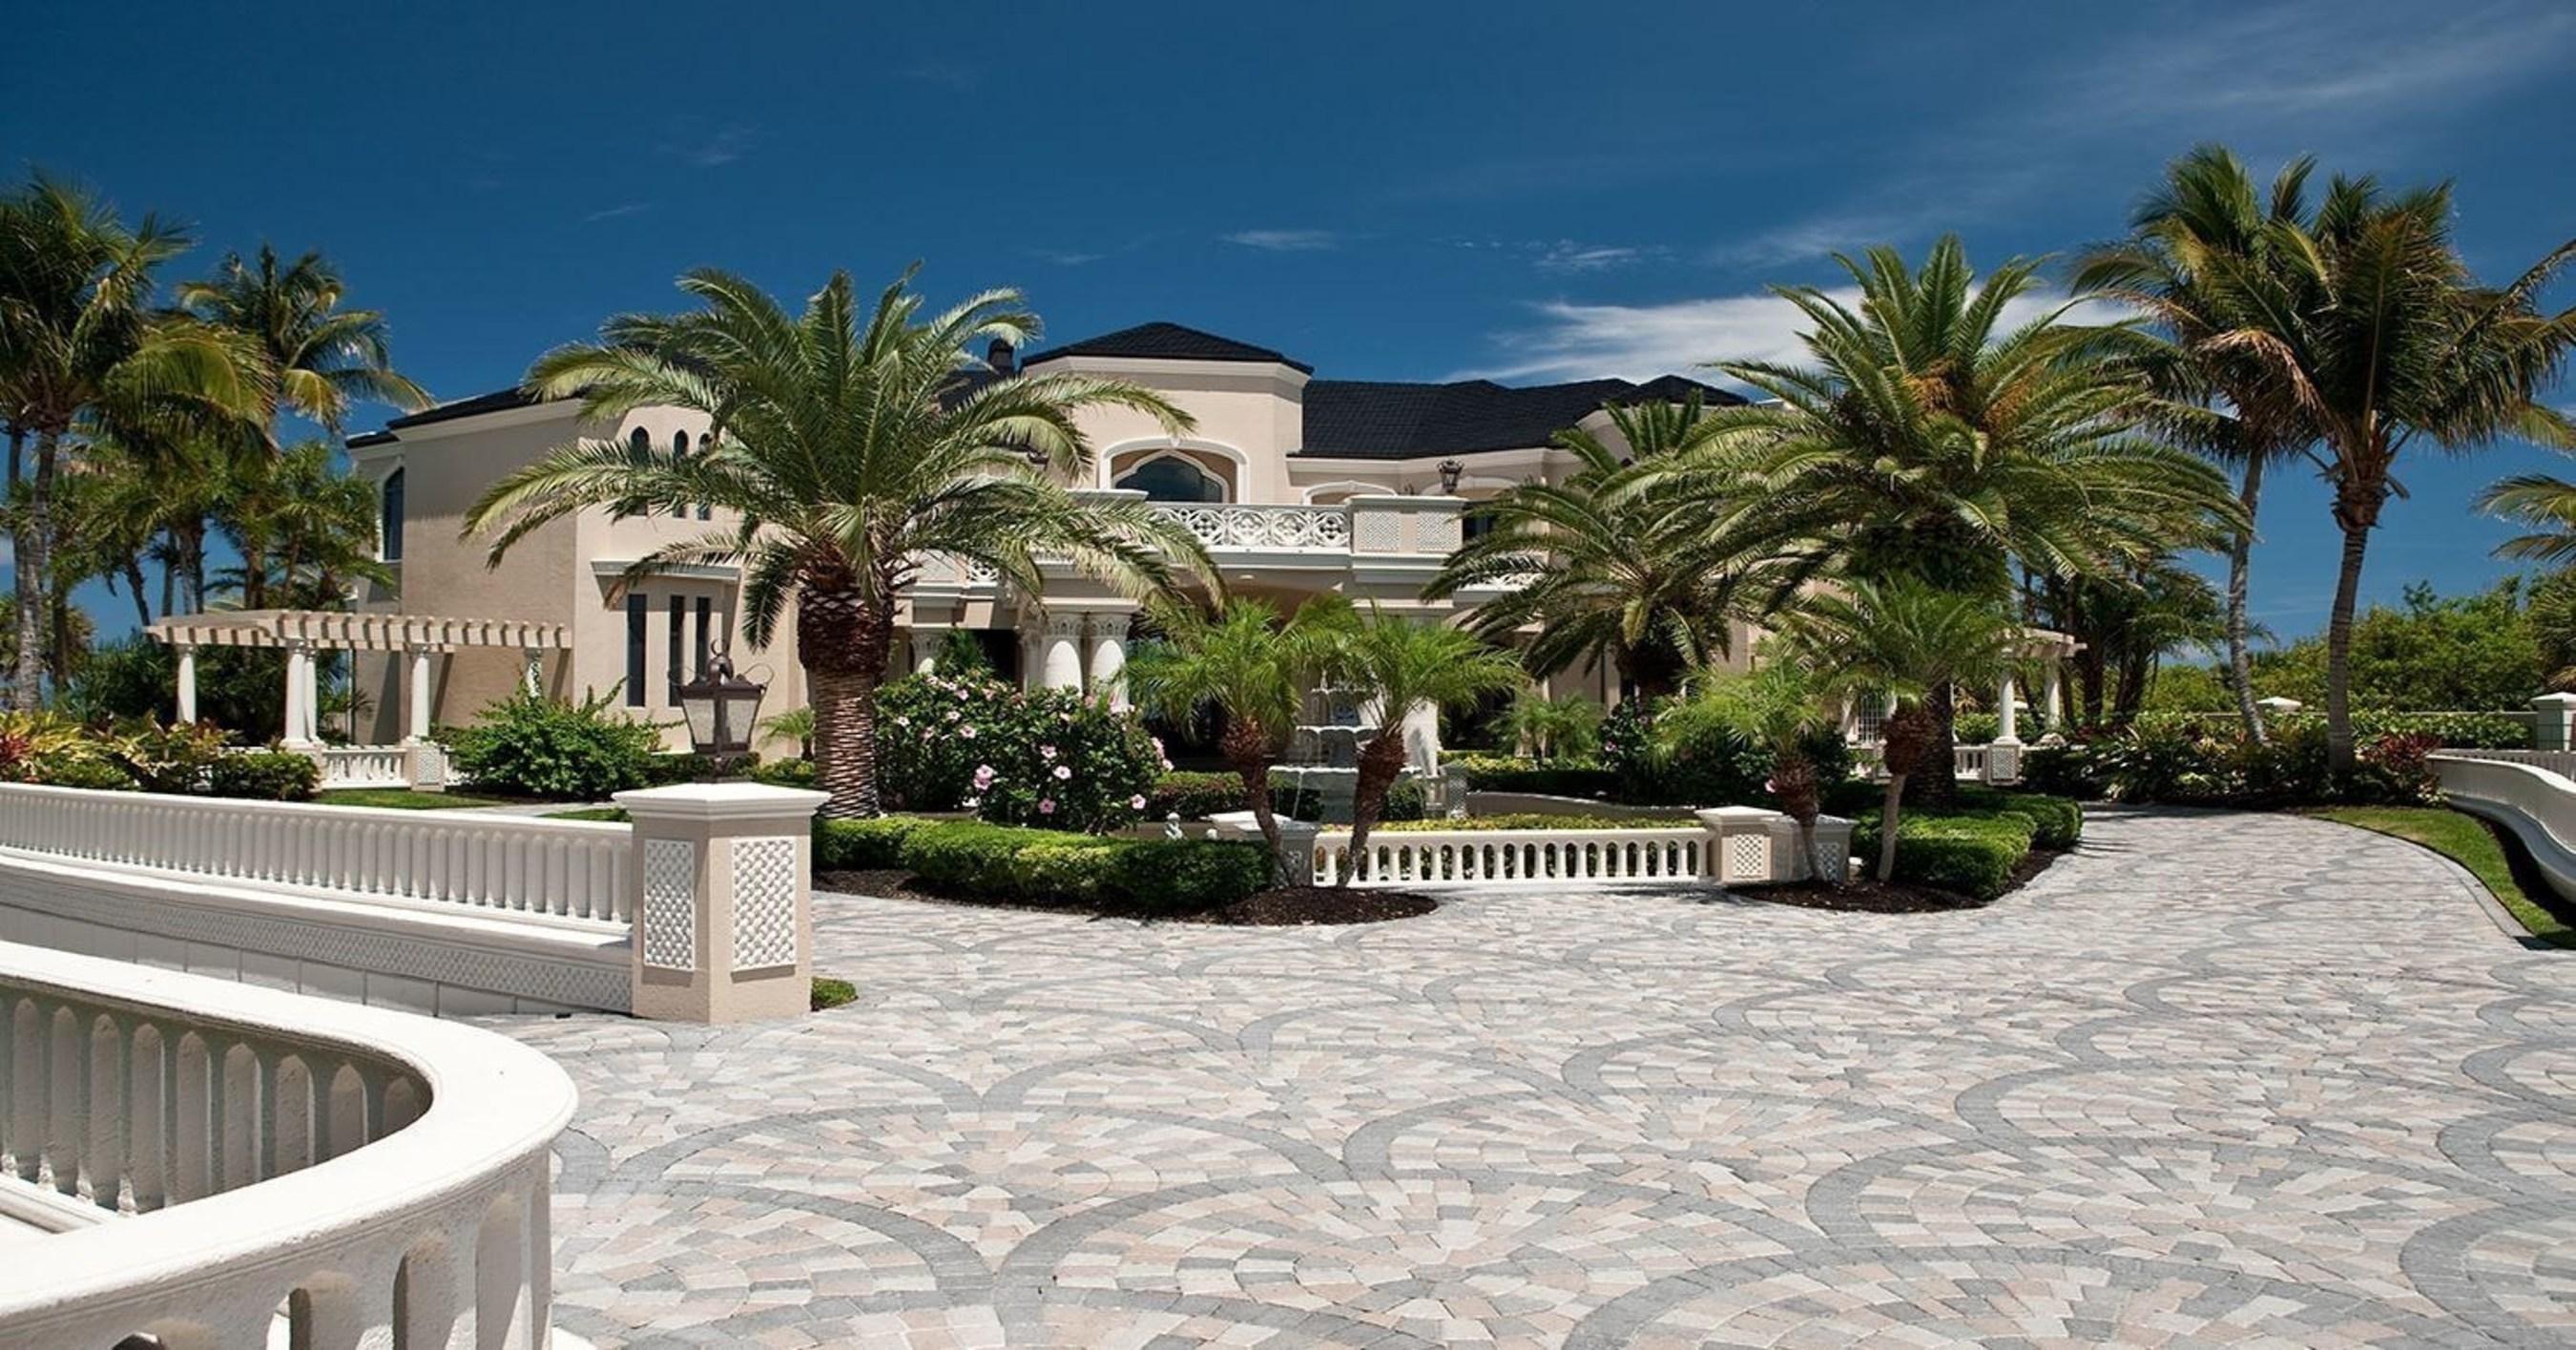 Auction Announced for Palazzo Di Mare, 'The Great Gatsby Estate', in Vero Beach, Florida